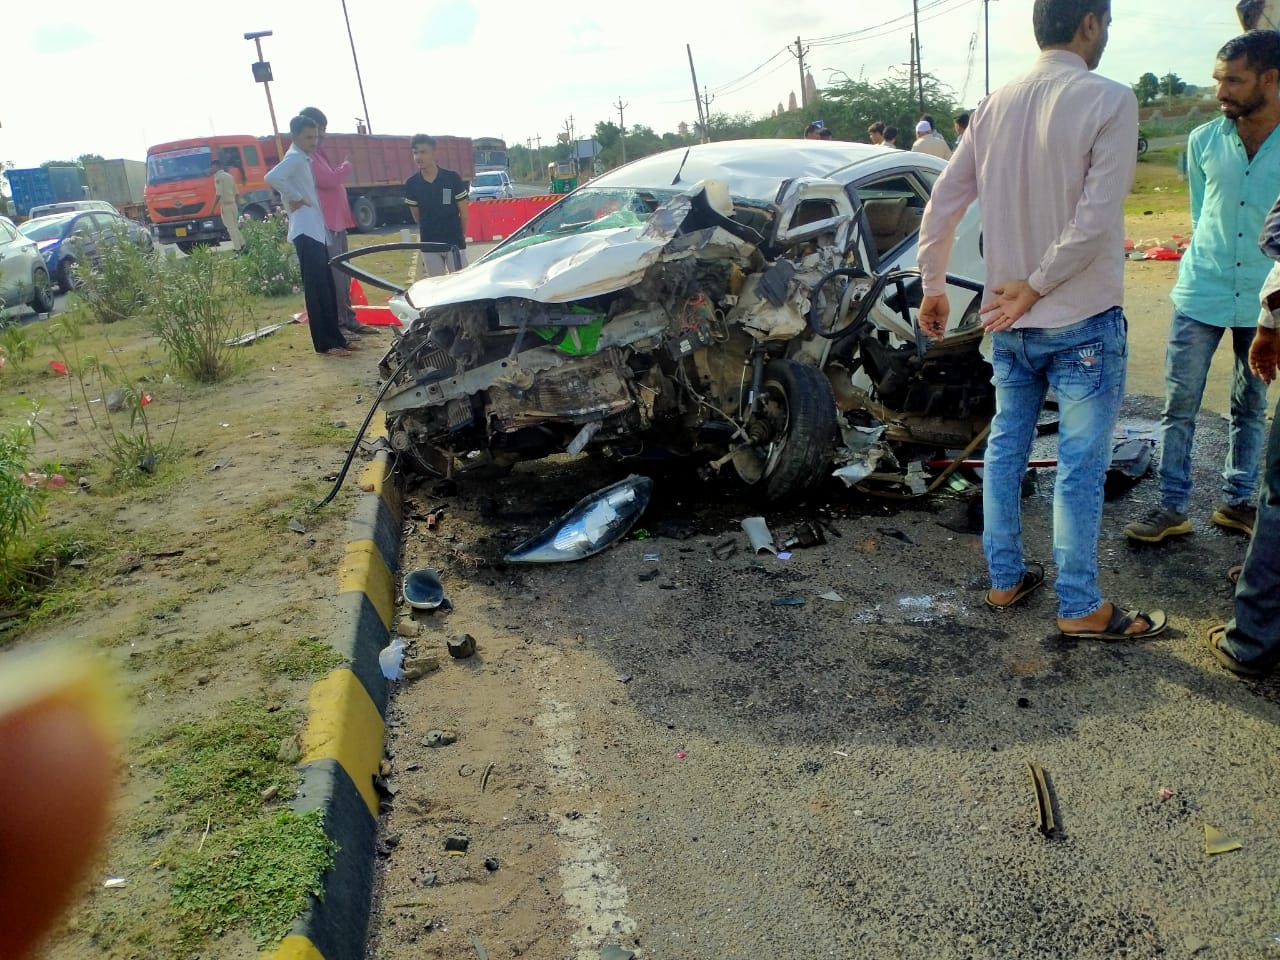 હળવદના કોયબા પાસે કાર ડિવાઈડર સાથે અથડાઇ પલટી મારી જતા પતિ-પત્નીનું મોત - Divya Bhaskar